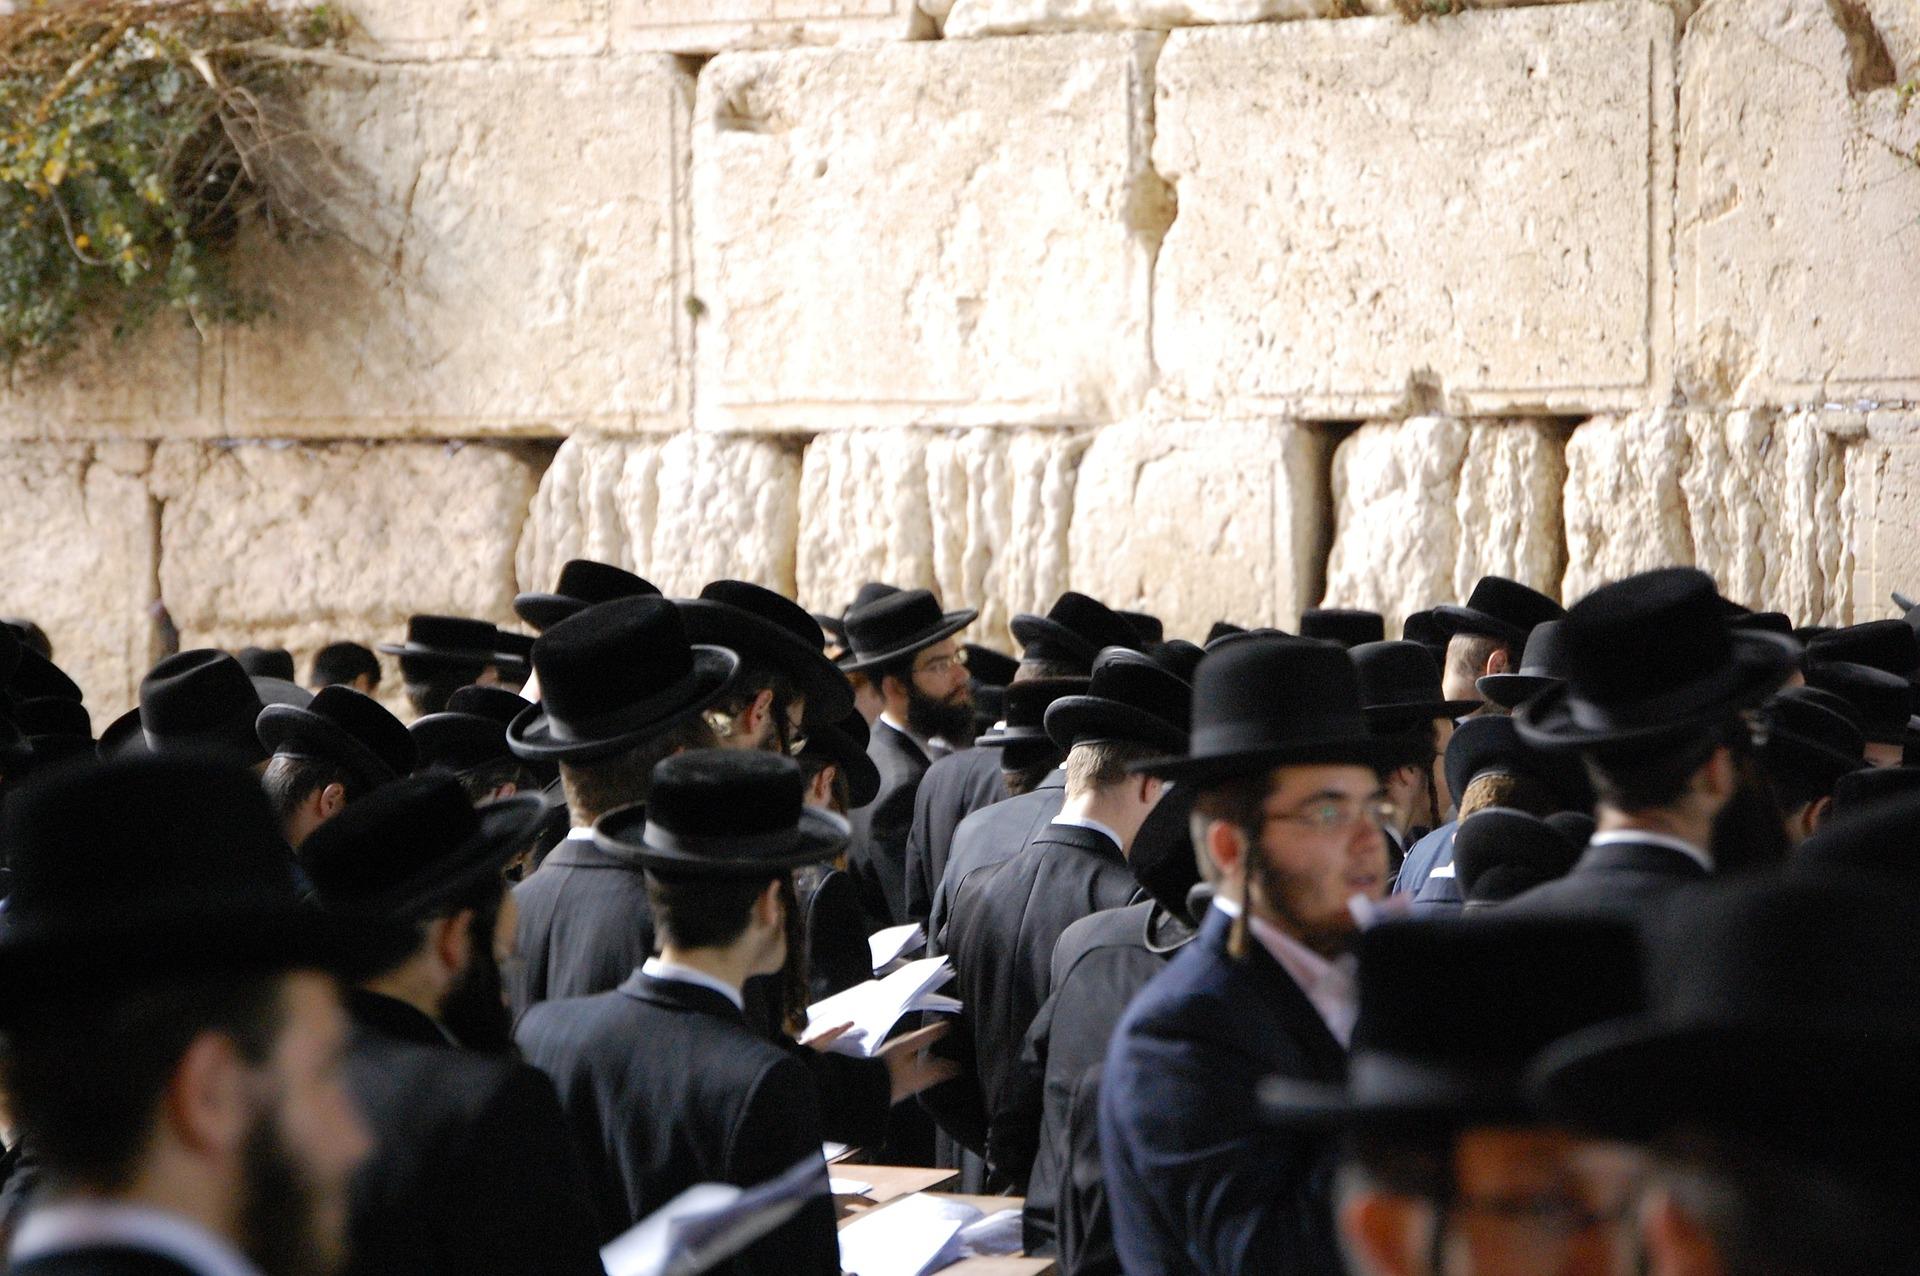 Israel- kurssi, 3-jakso: Israel ja juutalainen kansa tänään 23.–24.5.2020 - Raamatun liitot. Muiden uskontojen vaikutus juutalaisuuteen. Rabbinistininen juutalaisuus mm. kabbala, sefardit, askenasit. Työ juutalaisten keskuudessa. Messiaaninen liike, sen synty, sisältö ja merkitys. Kuinka kertoa juutalaiselle Jeesuksesta hänen Messiaanaan.